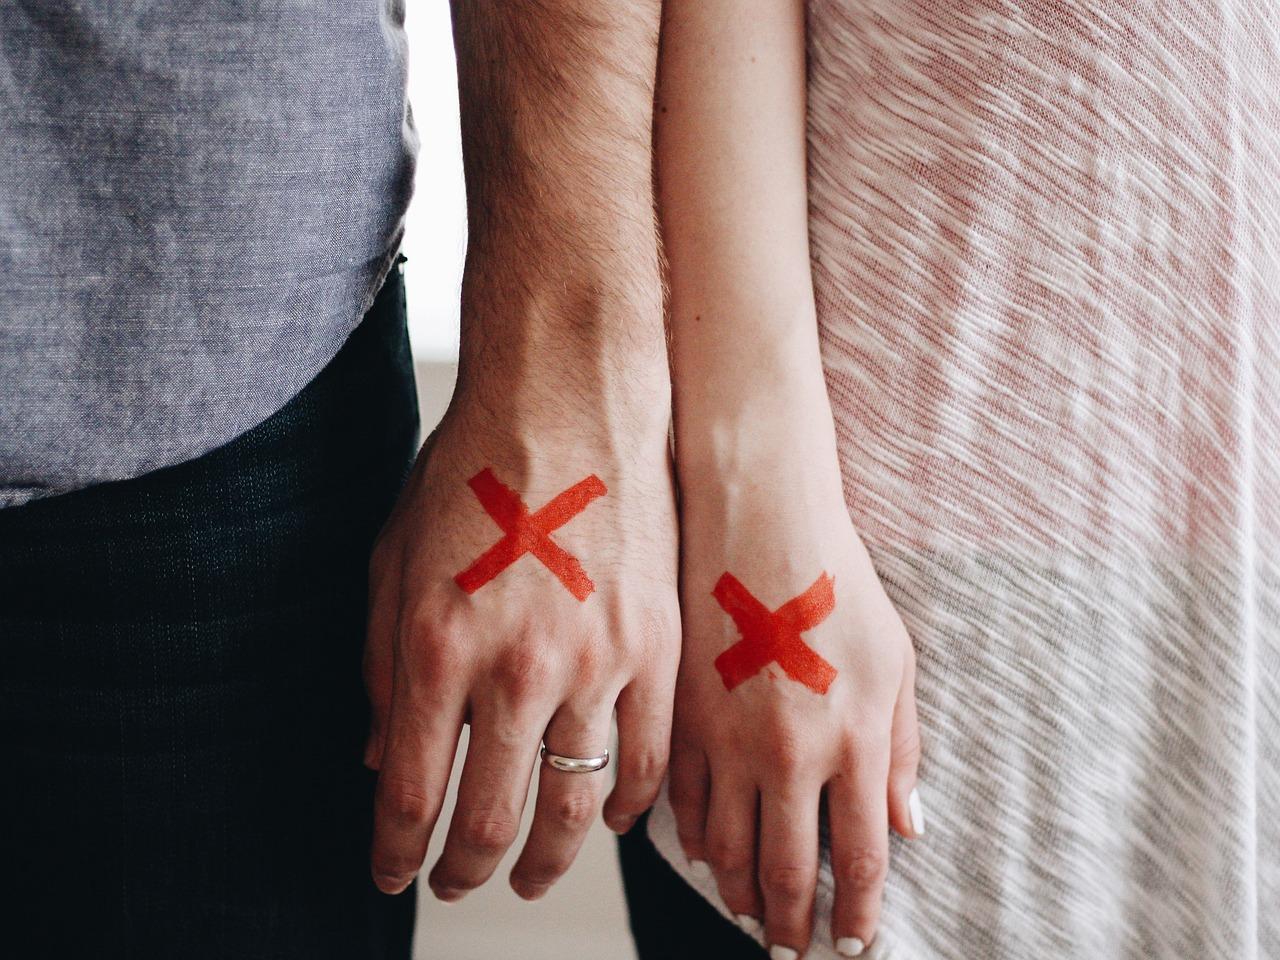 stigma-hands-1246170_1280